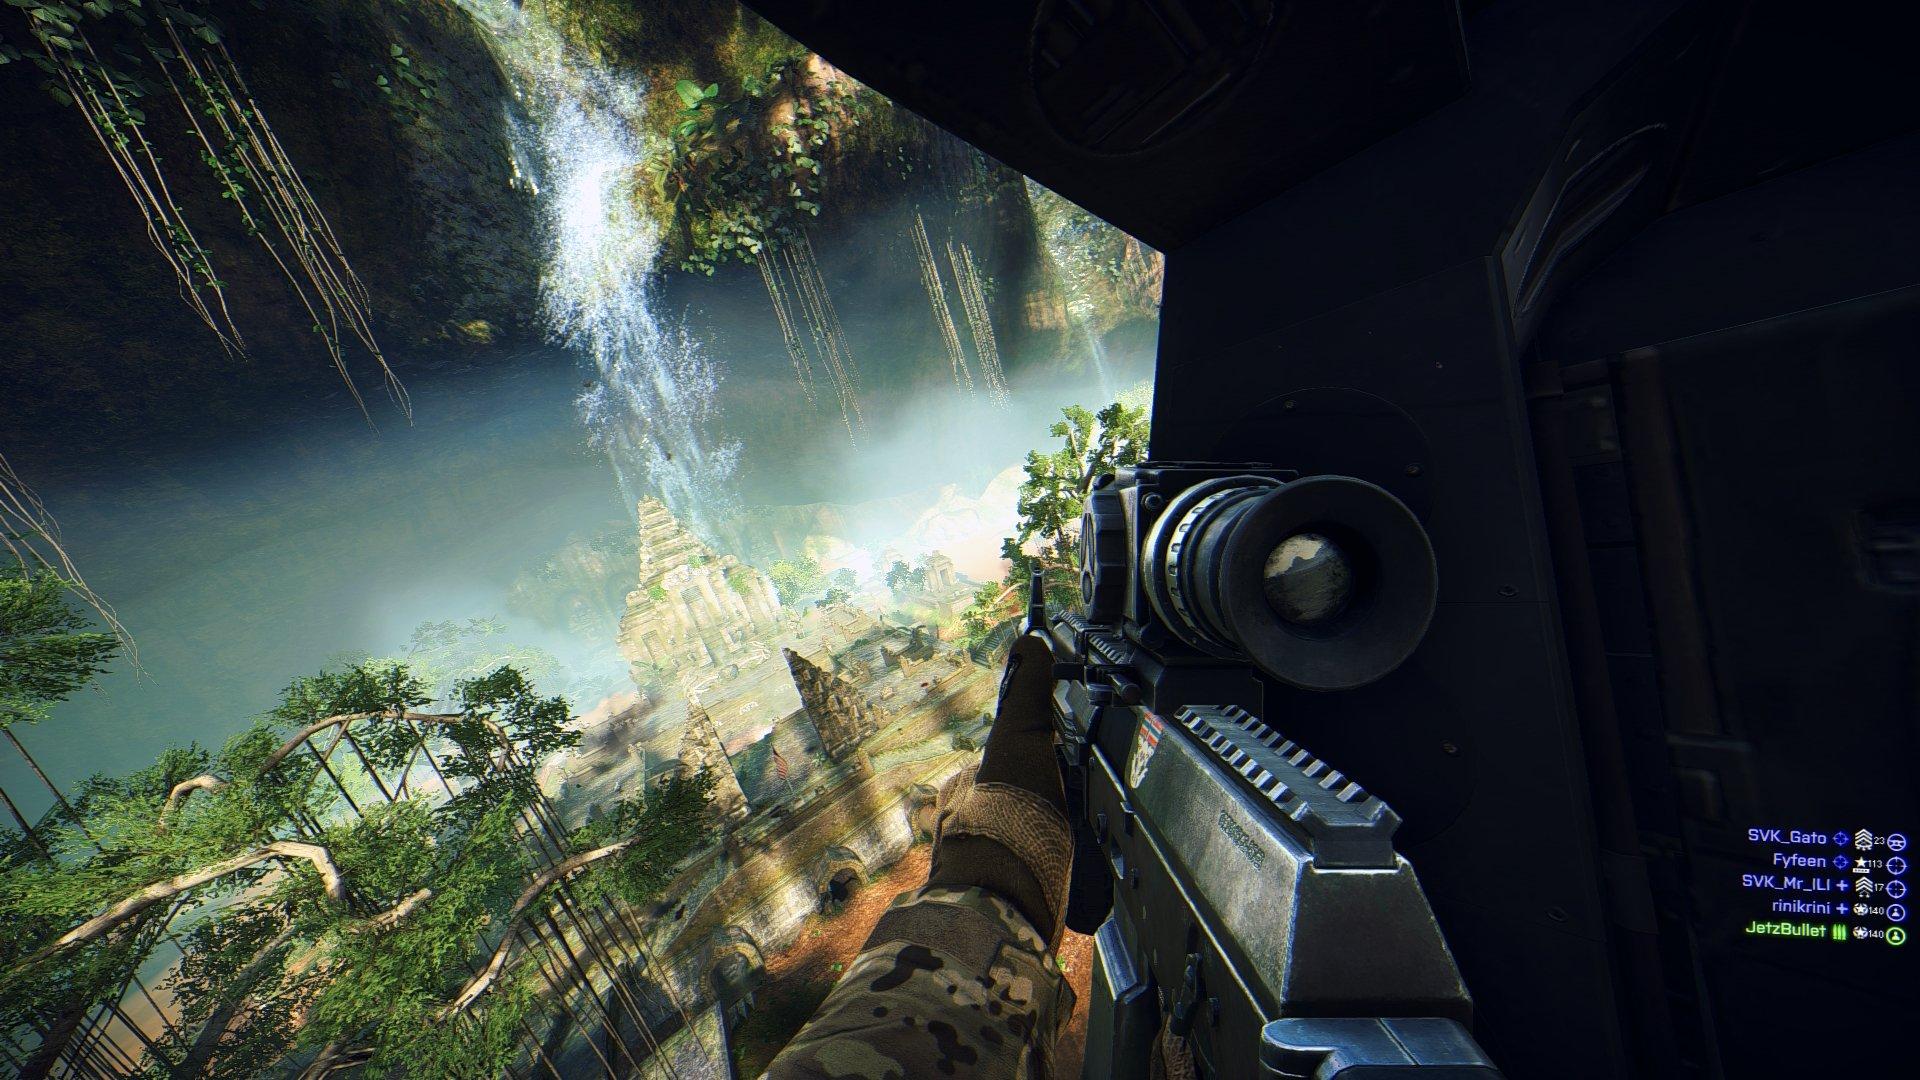 Карта сообщества Battlefield 4 - Изображение 20